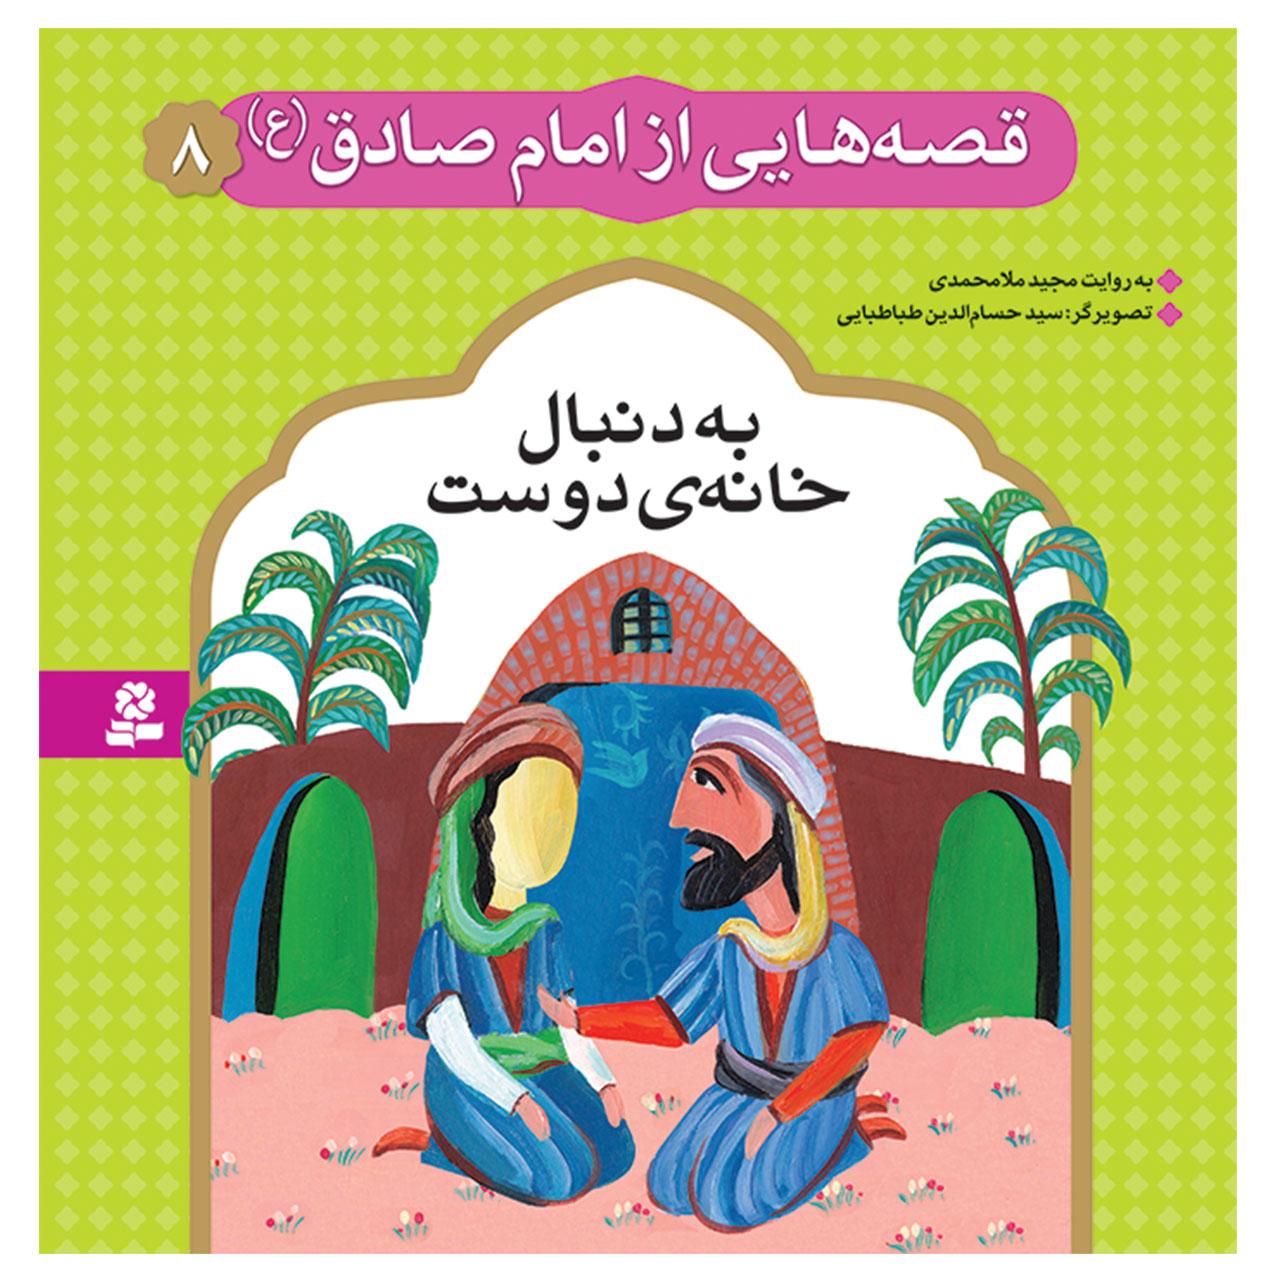 خرید                      کتاب قصه هایی از امام صادق (ع) 8 به دنبال خانه ی دوست اثر مجید ملامحمدی انتشارات قدیانی